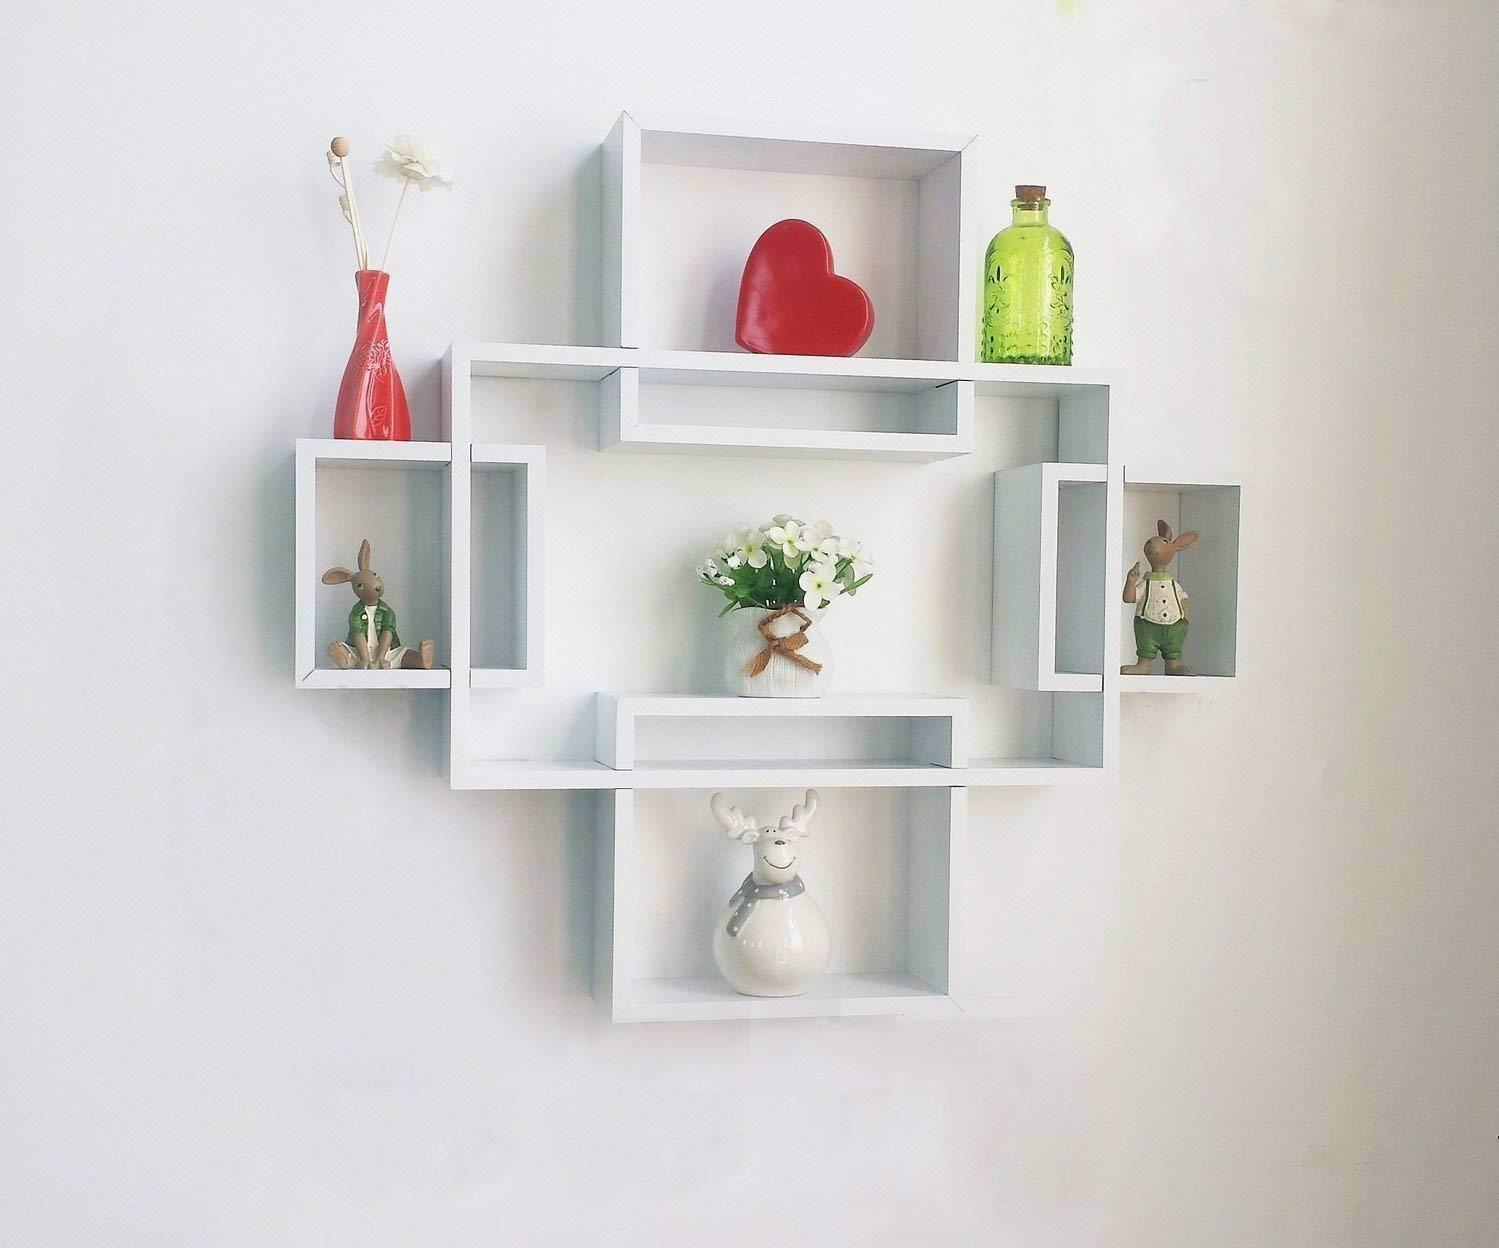 دیزاین دیوار با باکس و شلف دیواری سفید مربع و مستطیل شکل